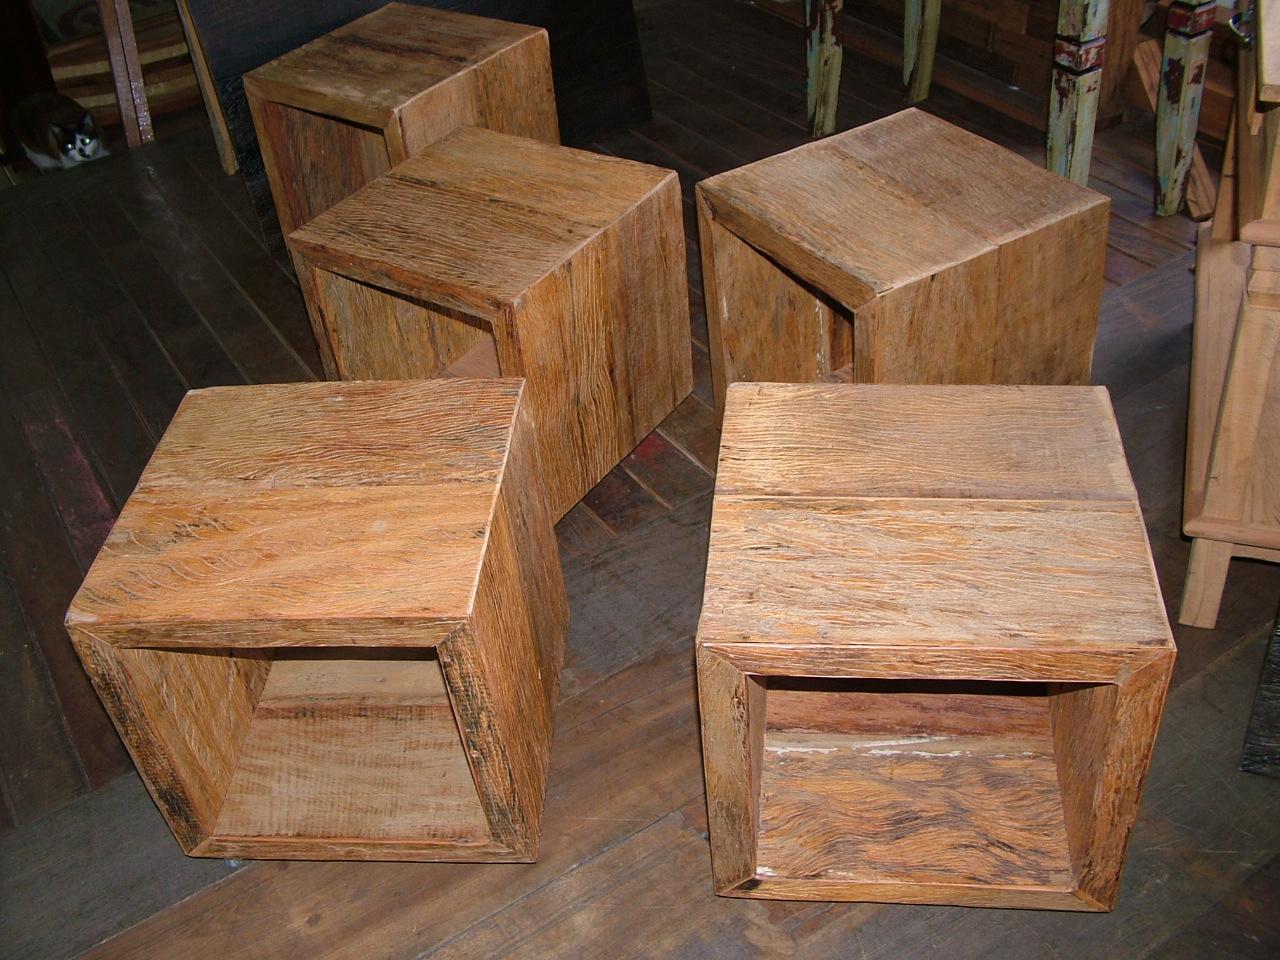 rústicos móveis em madeira de demolição cubos em madeira de  #986033 1280x960